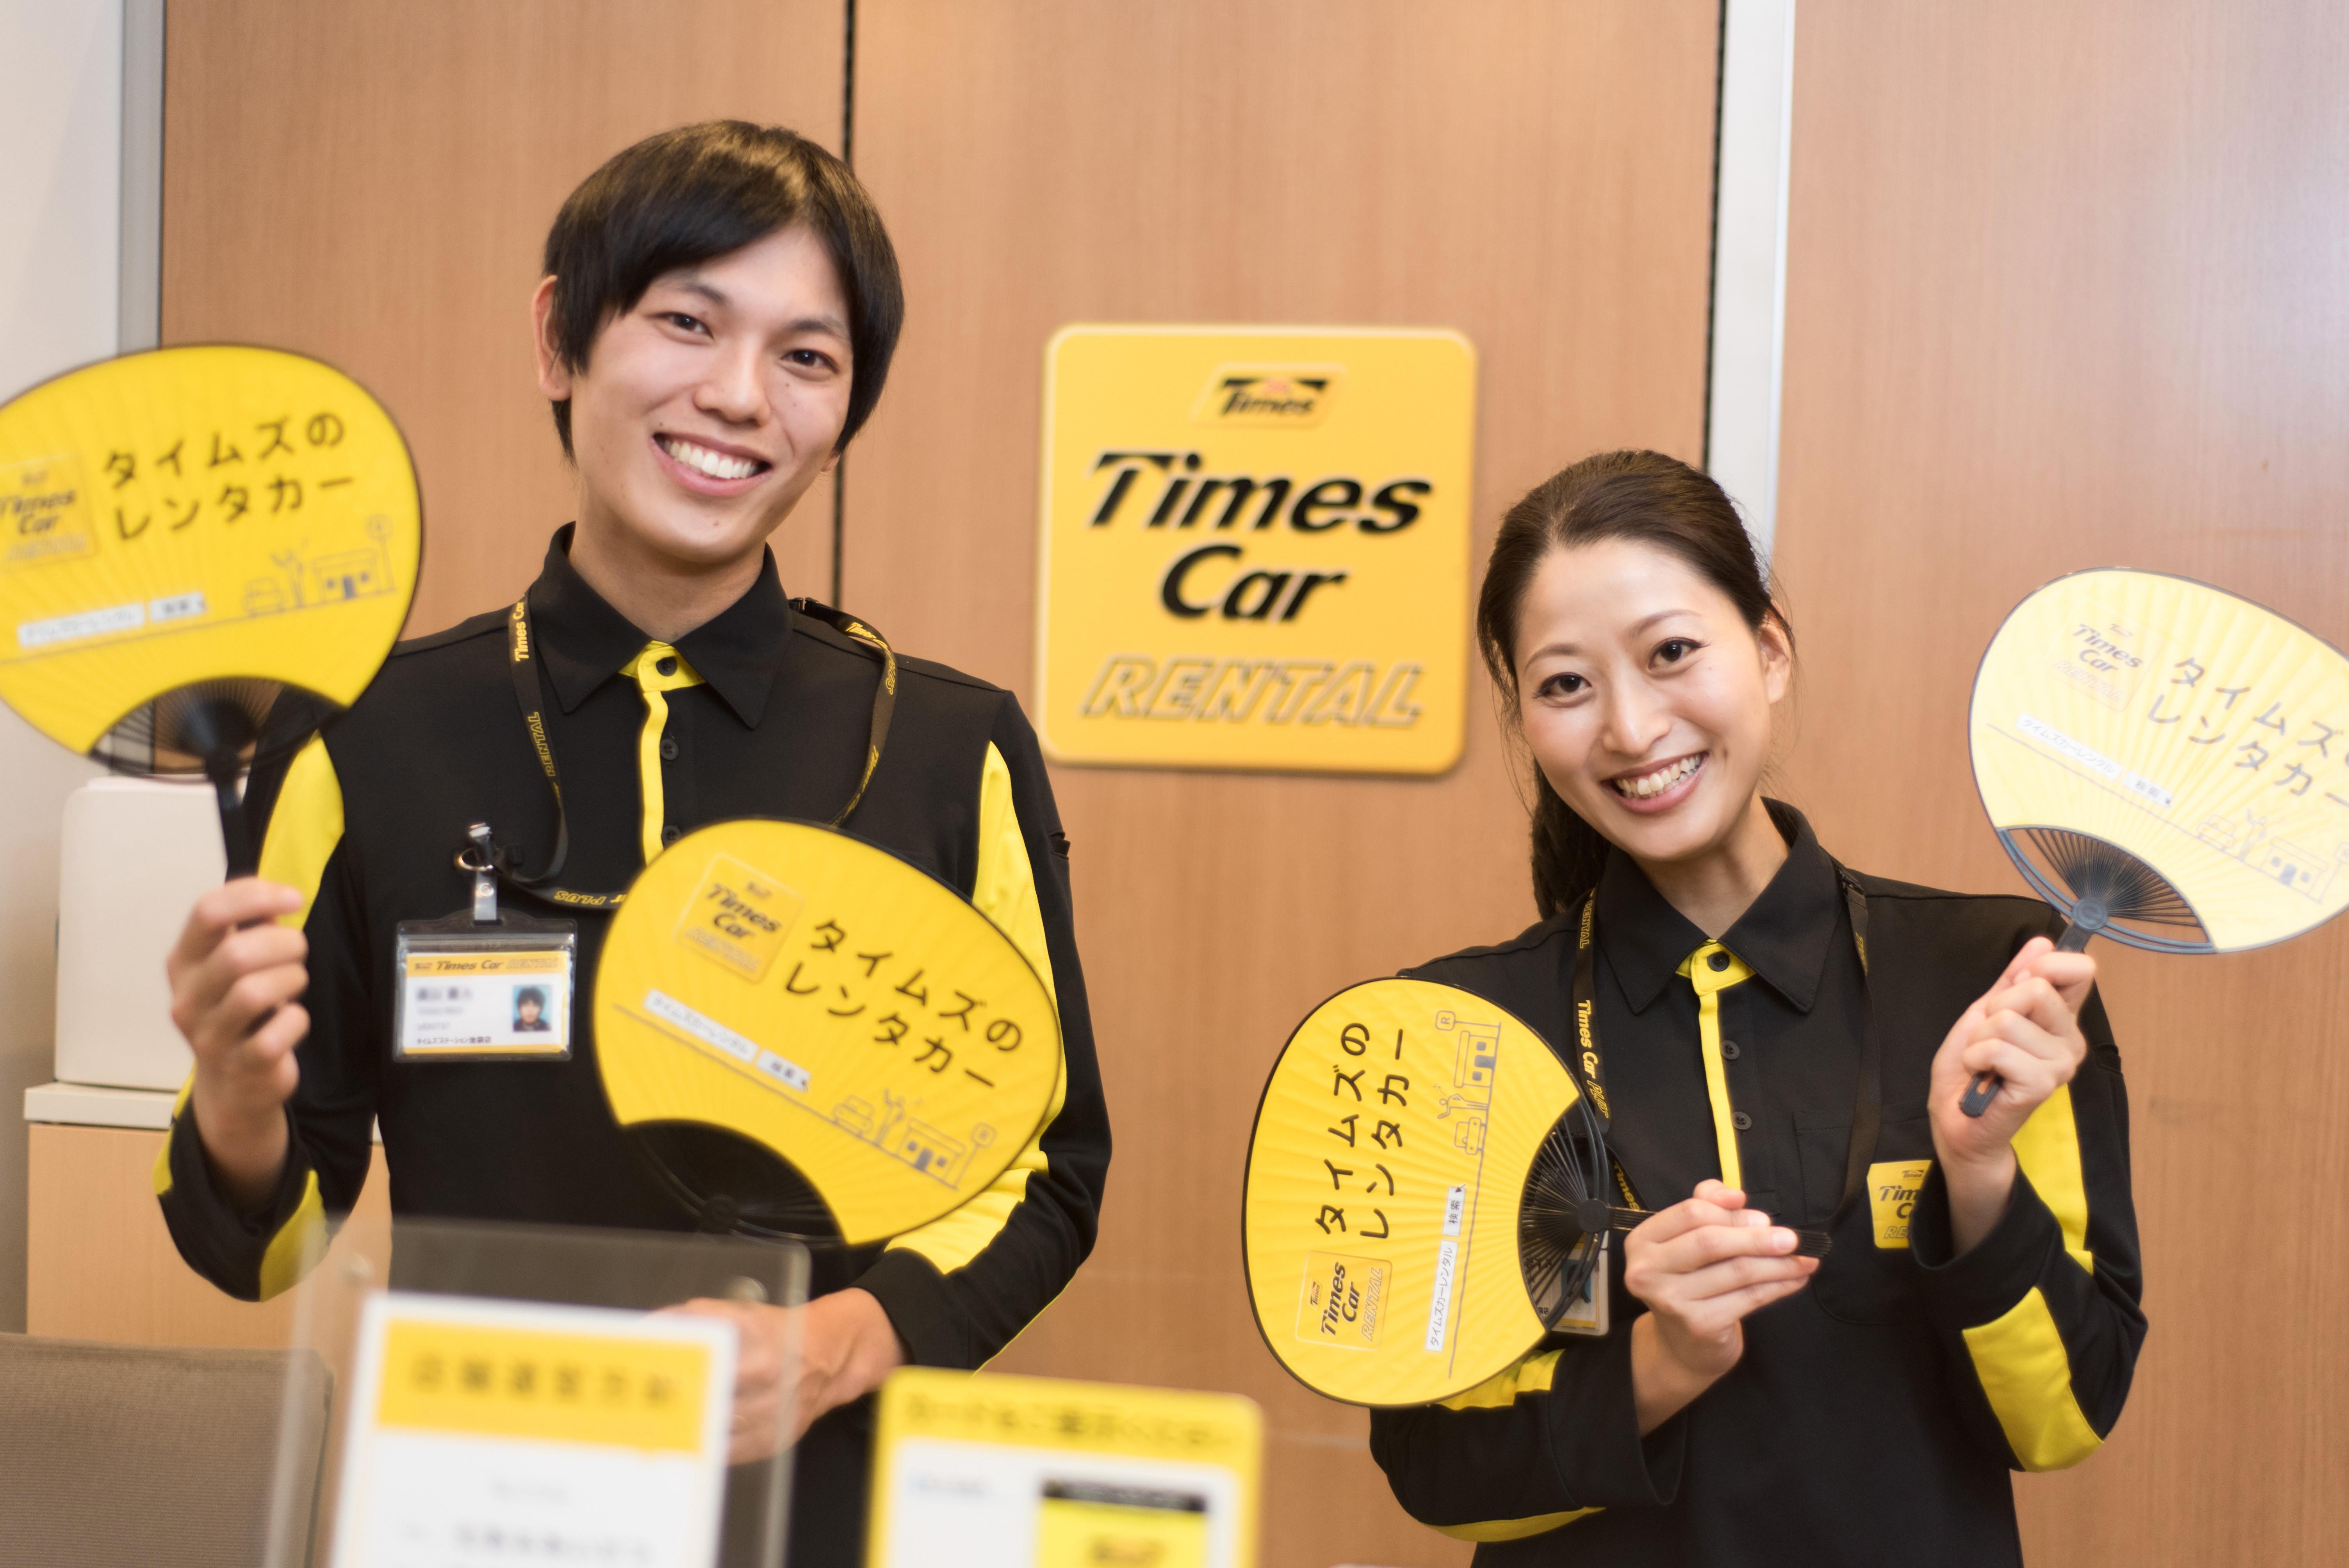 タイムズカーレンタル 日田駅前店 のアルバイト情報